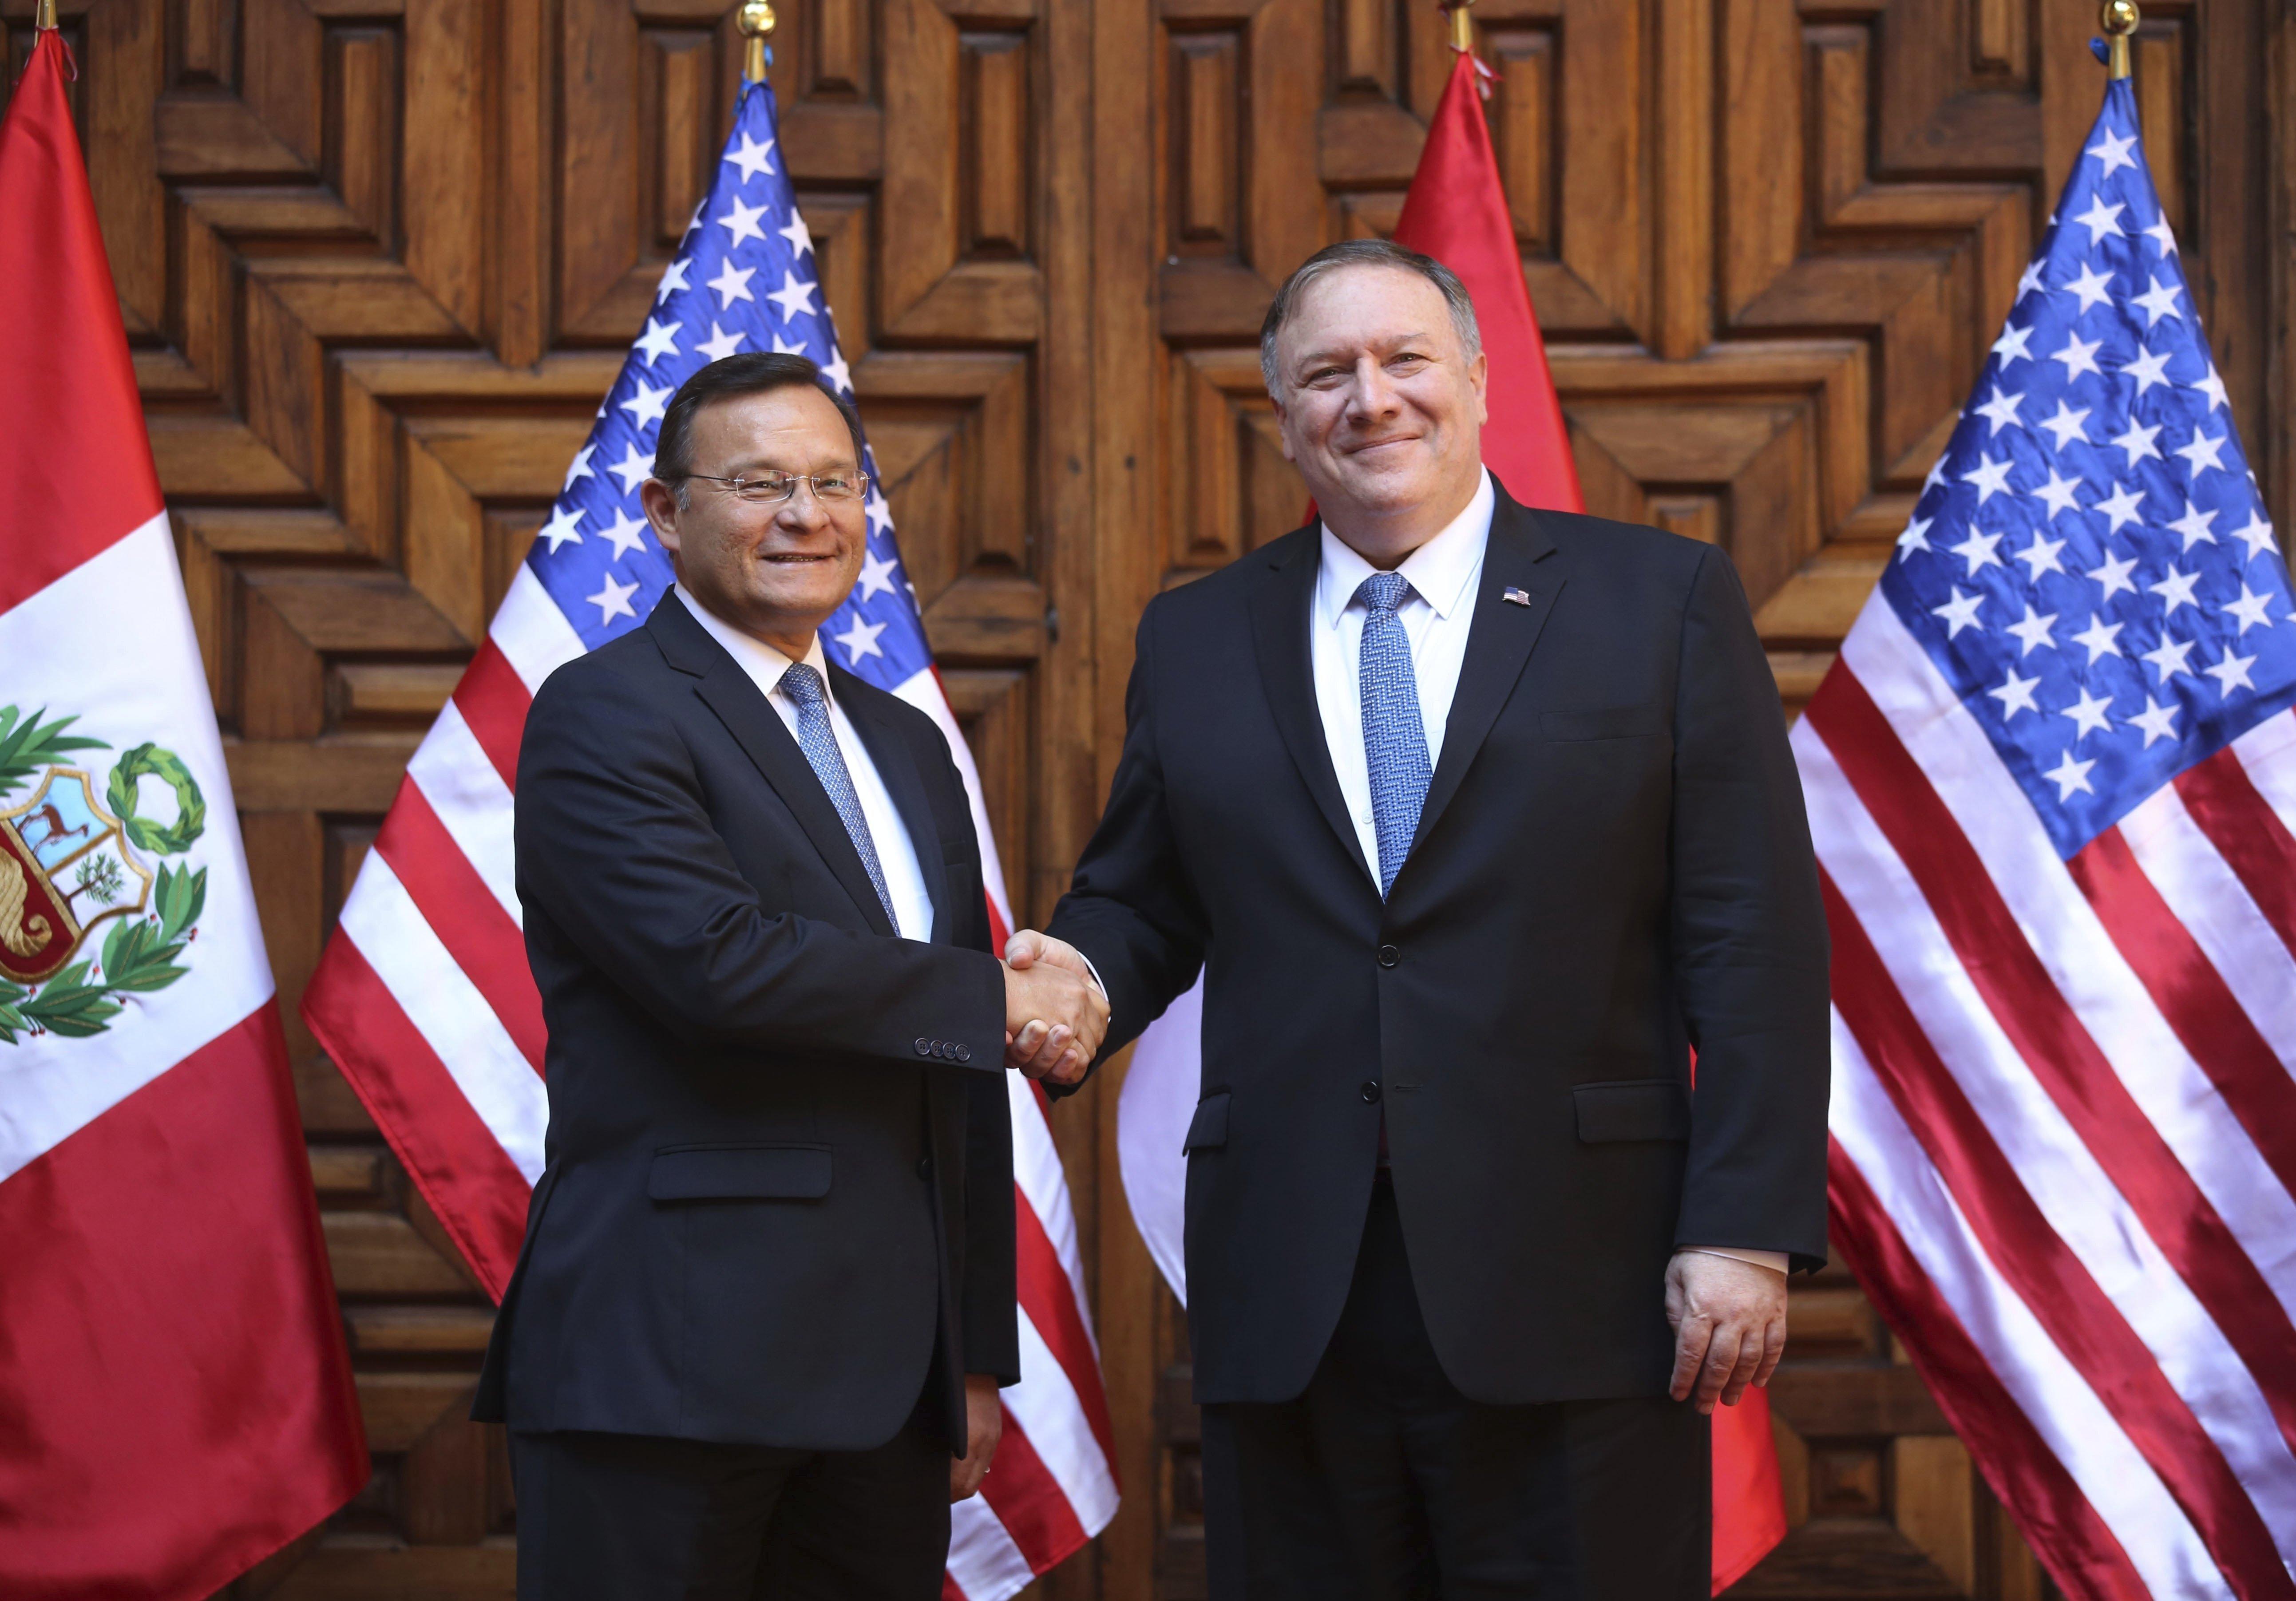 O ministro de Relações Exteriores do Peru, Nestor Popolizio (à esquerda), e o secretário de Estado dos EUA, Mike Pompeo (à direita) durante encontro em Lima, capital peruana, no sábado, 13 de abril de 2019.